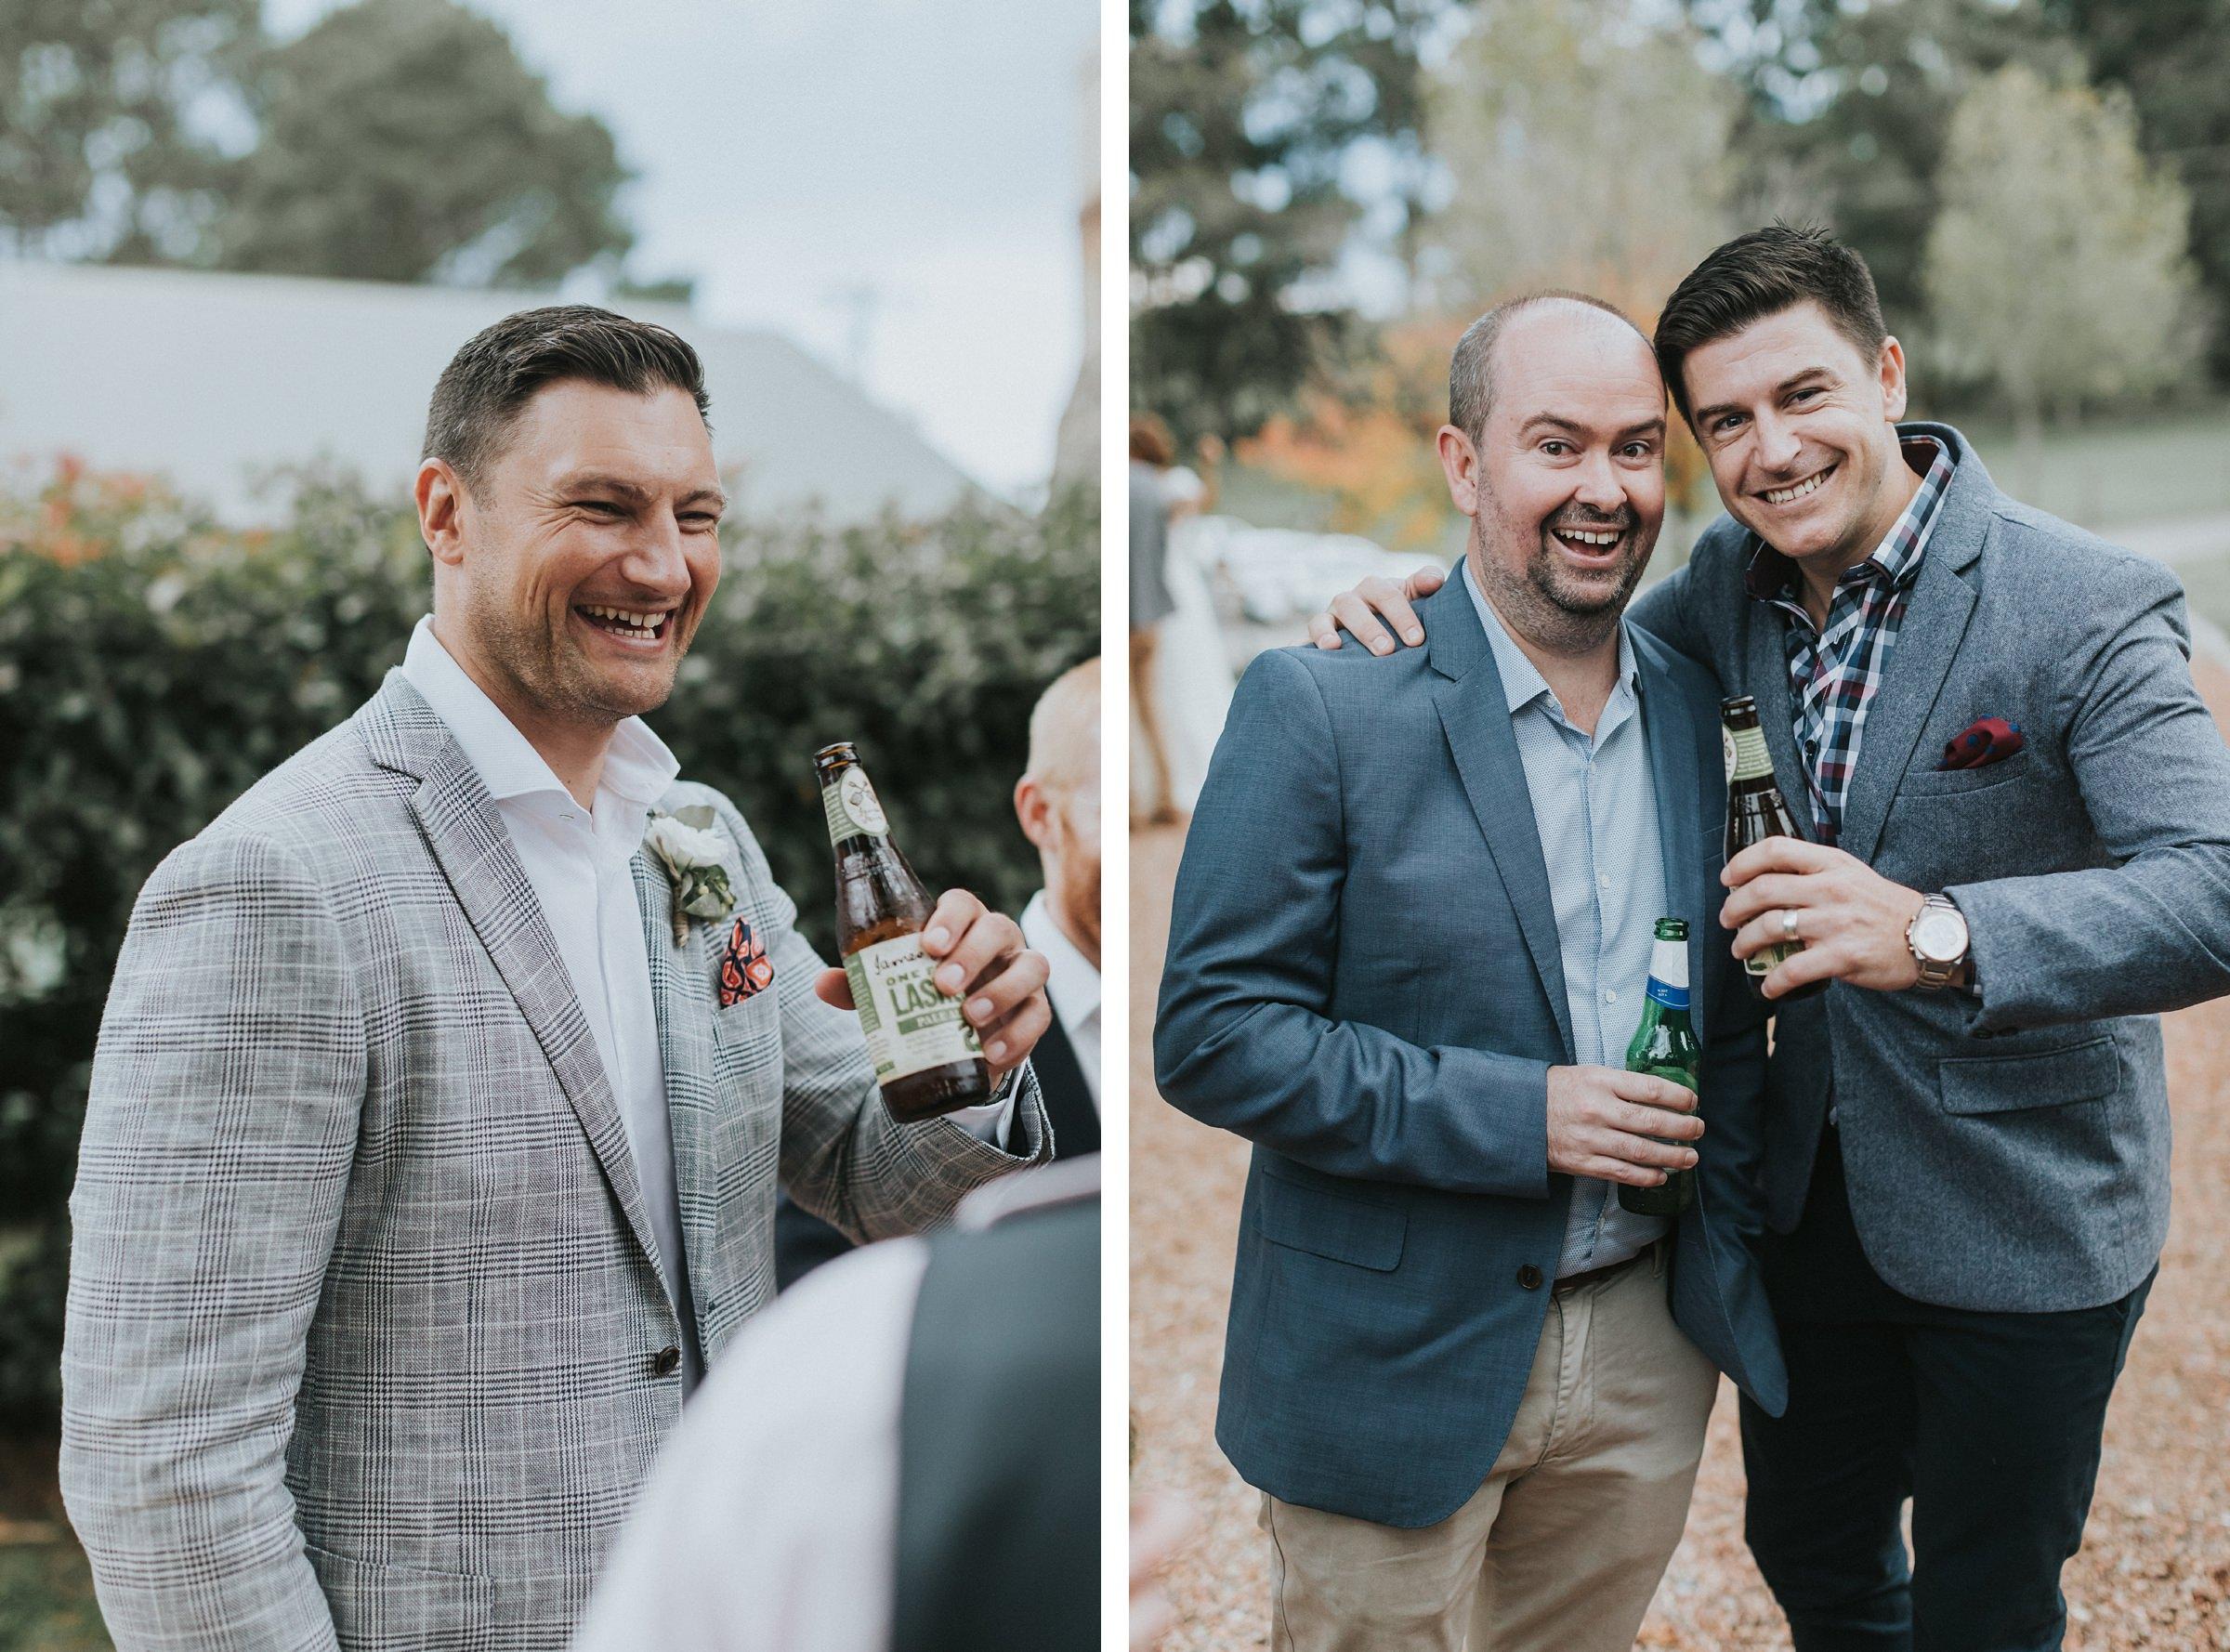 portraits of guests at kangaroo valley wedding